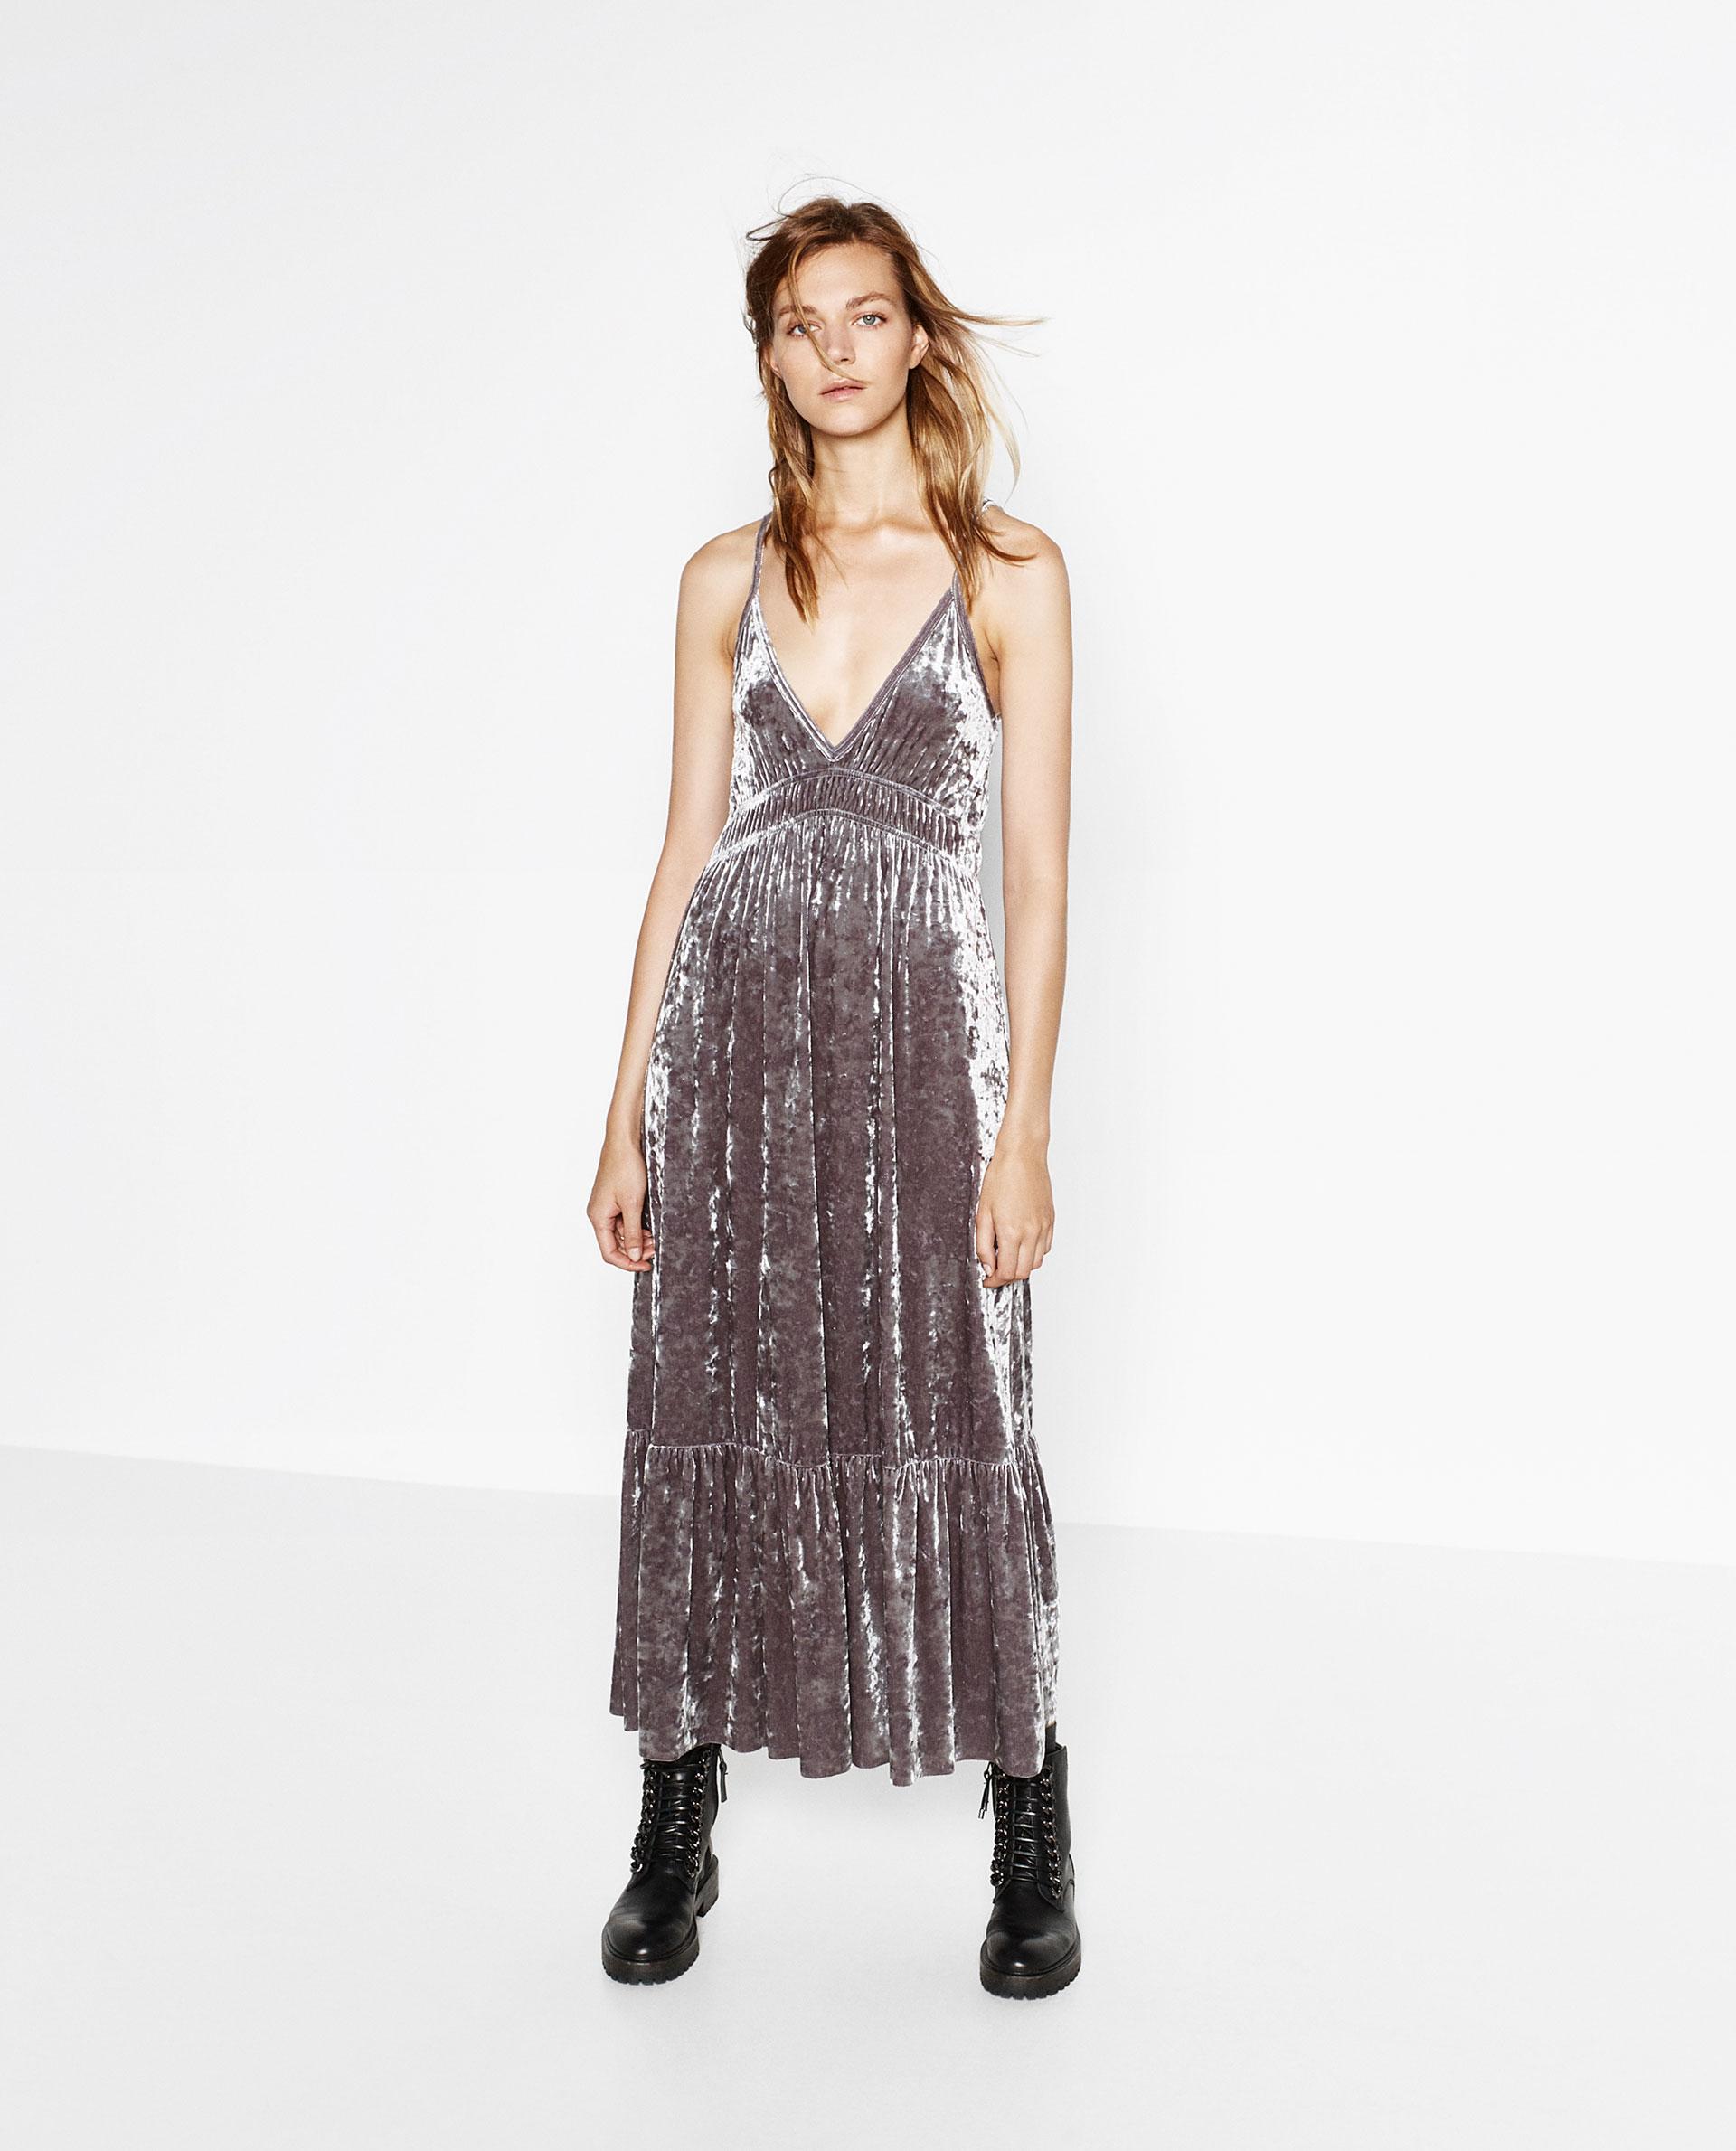 Дълга кадифена рокля Zara  49,99 лв   Кадифето е определено един от трендовете фаворити за сезона.